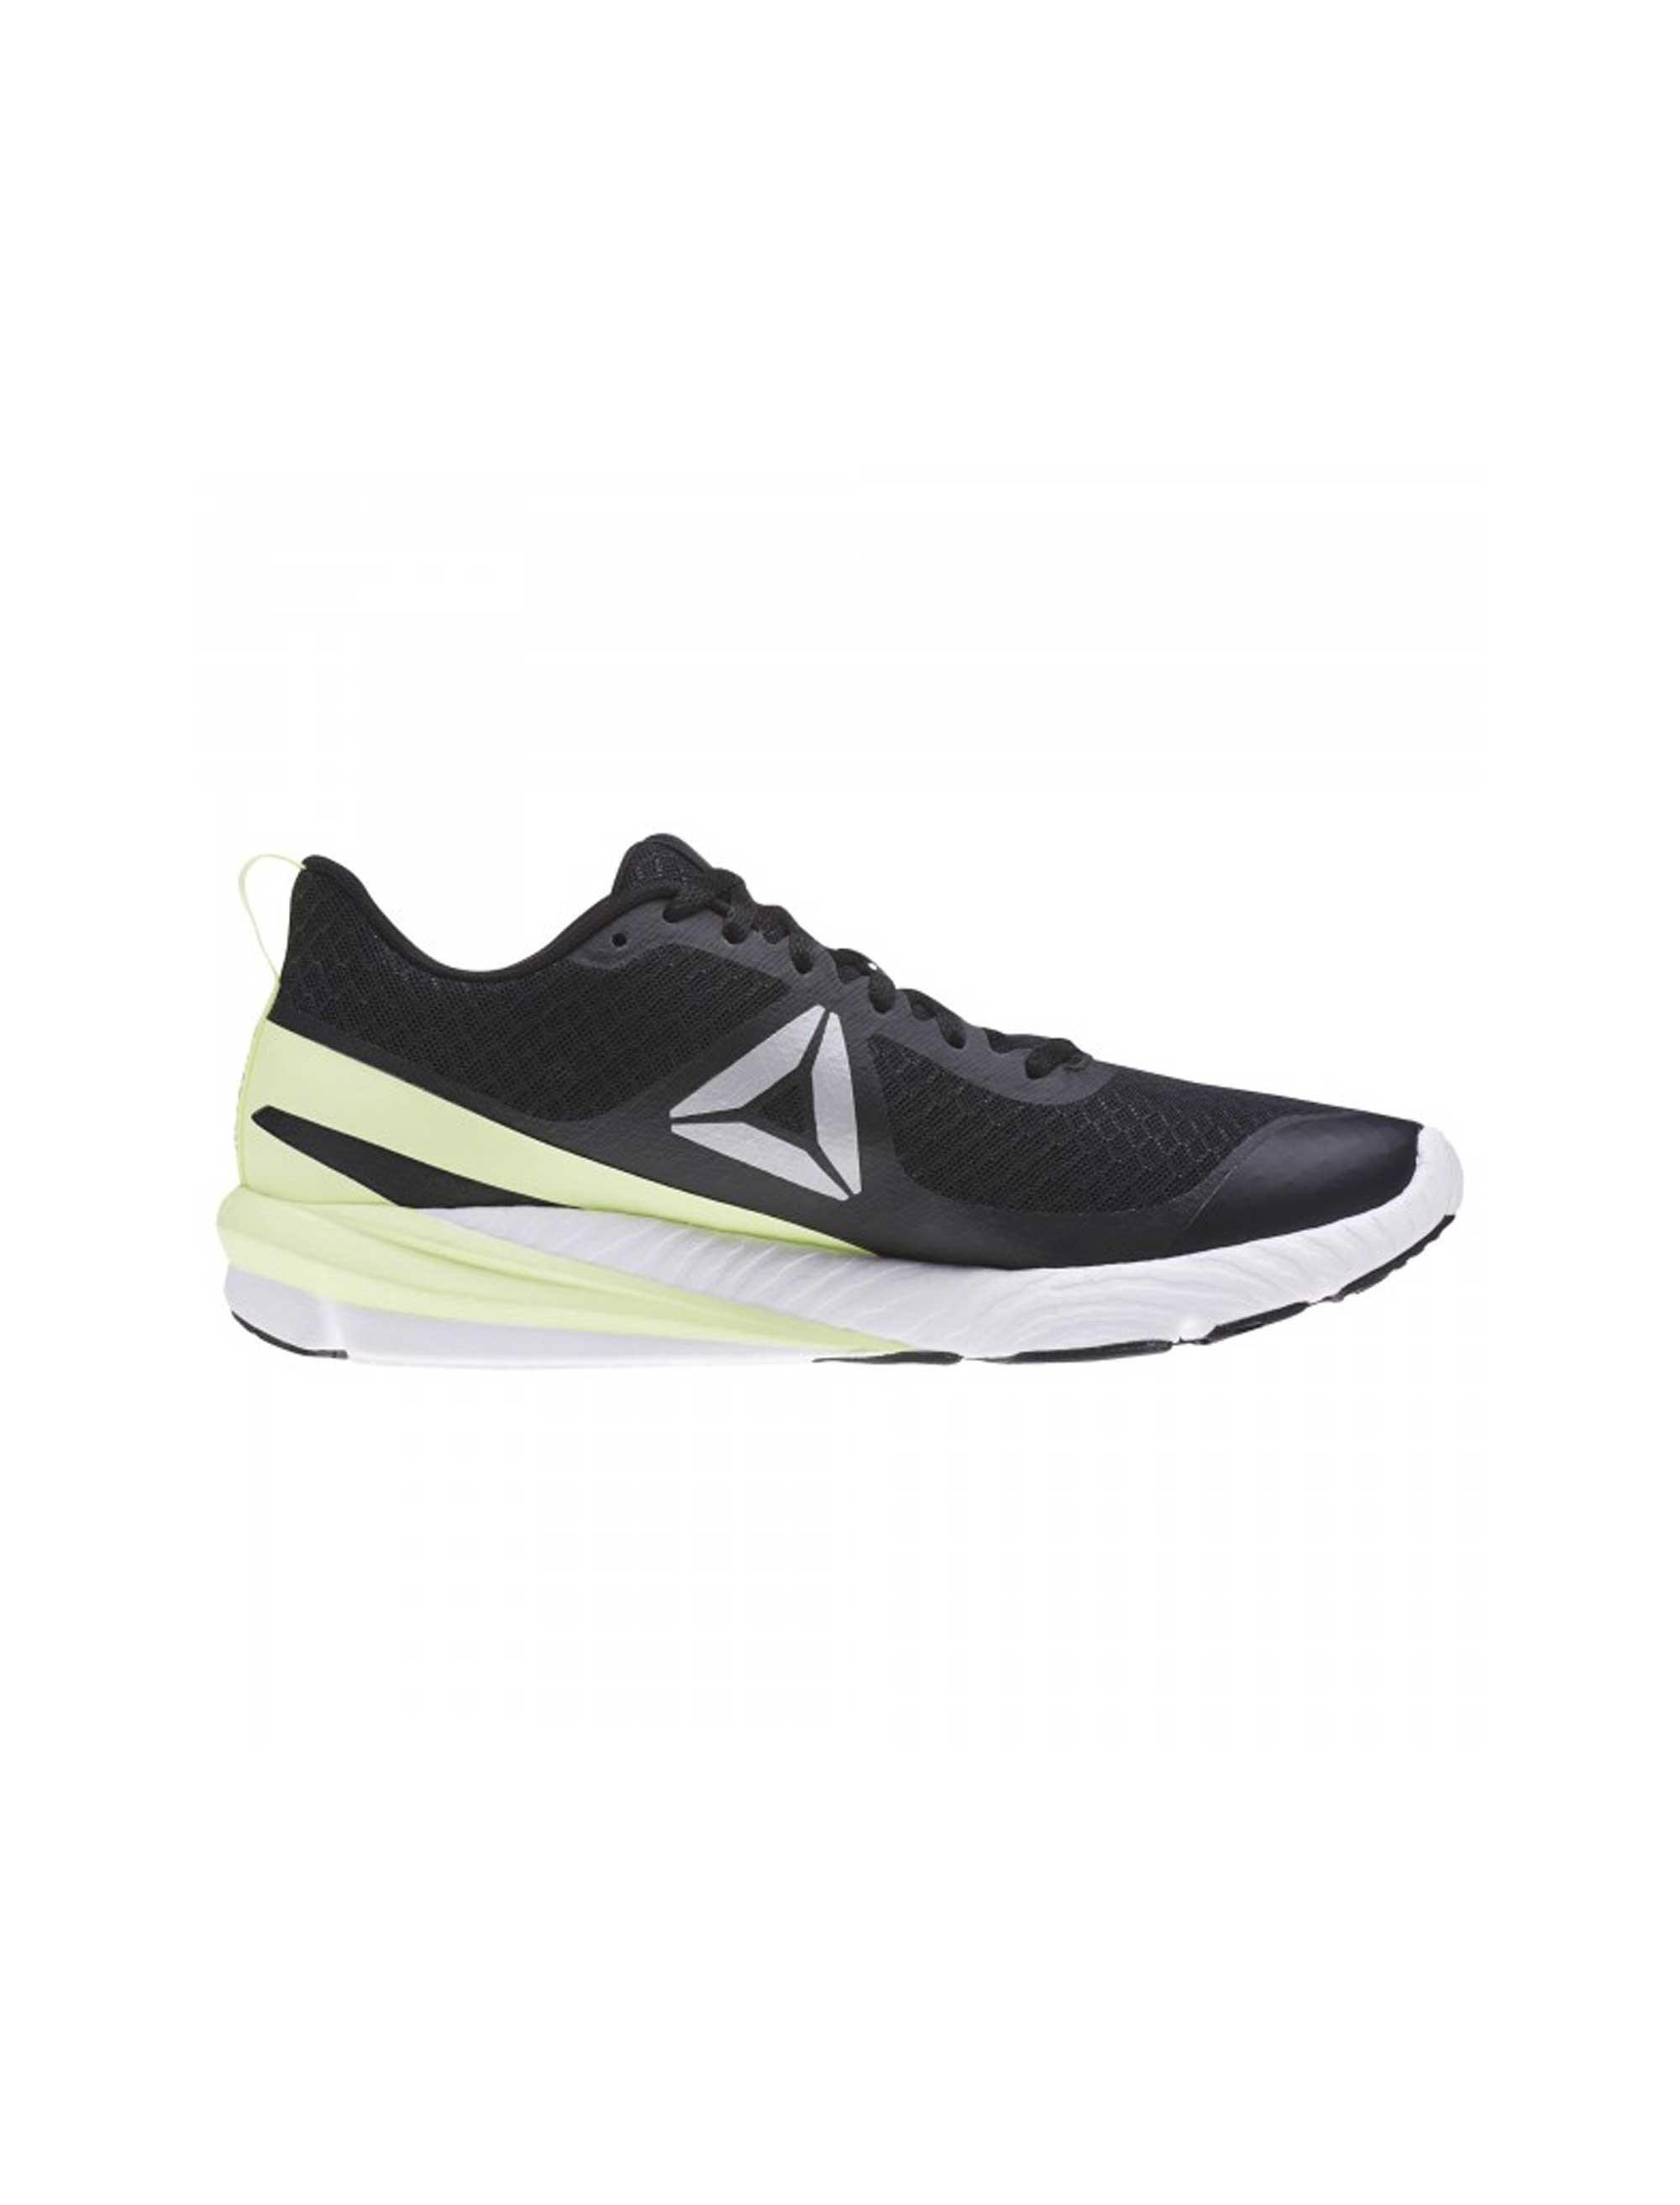 قیمت کفش دویدن بندی مردانه Sweet Road 2 - ریباک